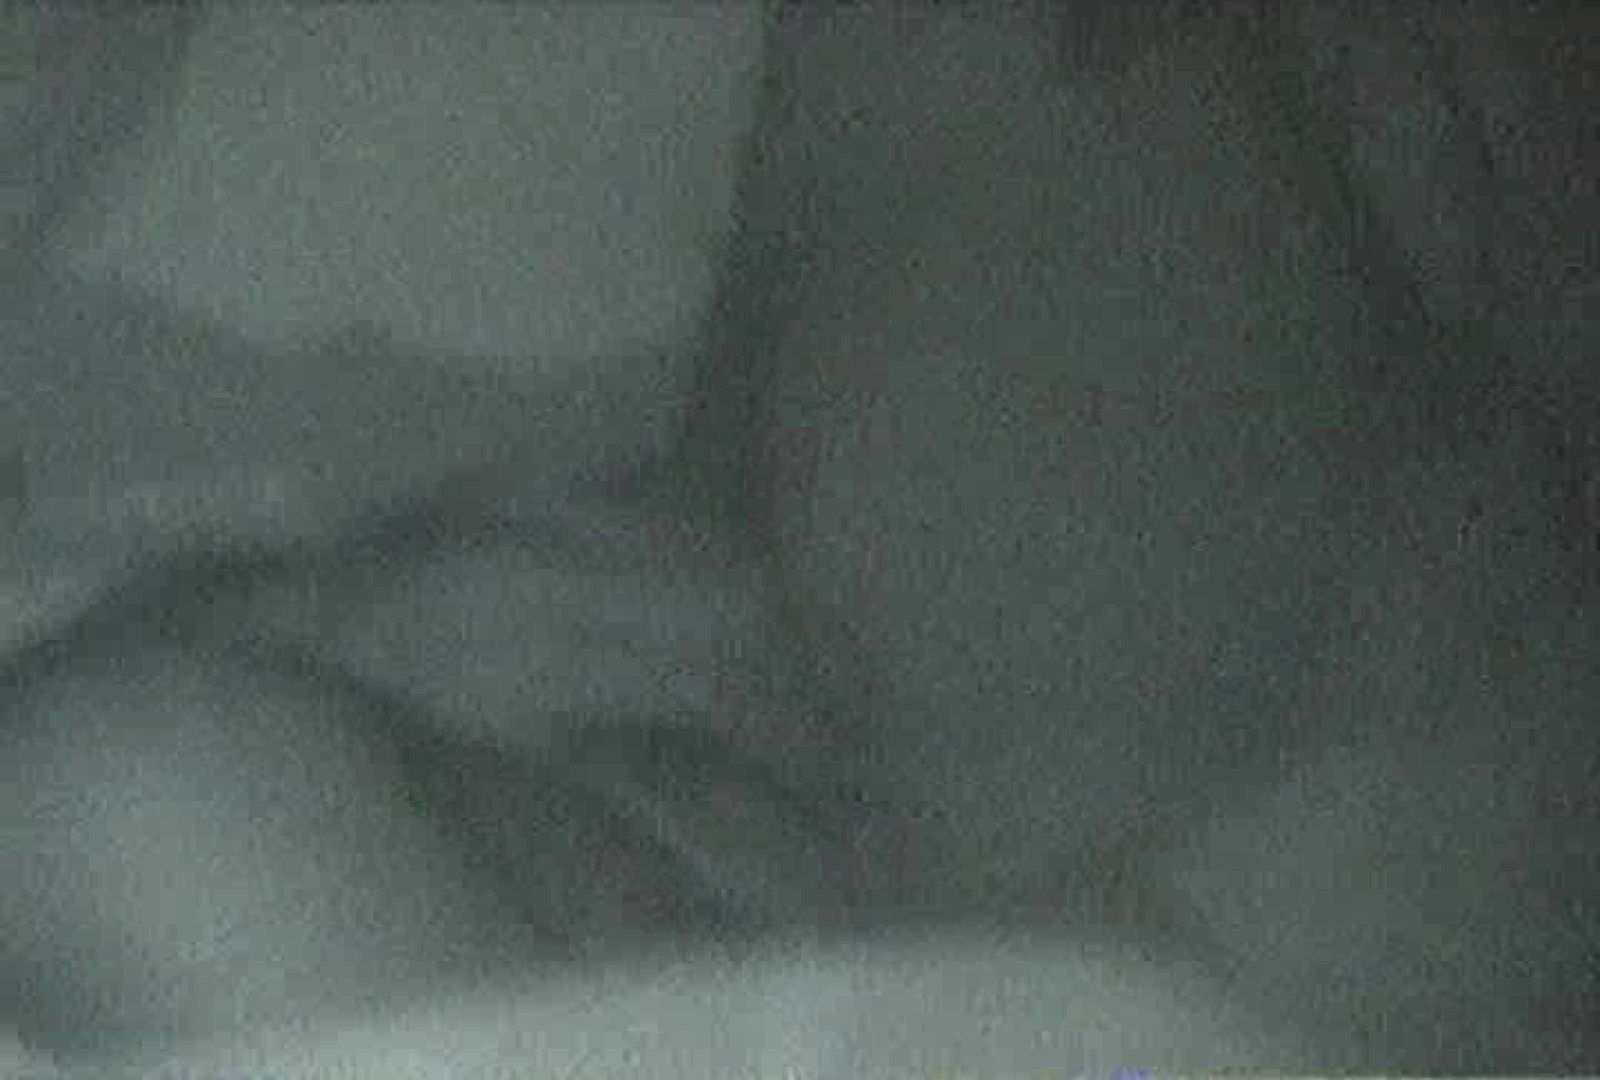 充血監督の深夜の運動会Vol.90 淫乱 AV無料動画キャプチャ 110画像 94